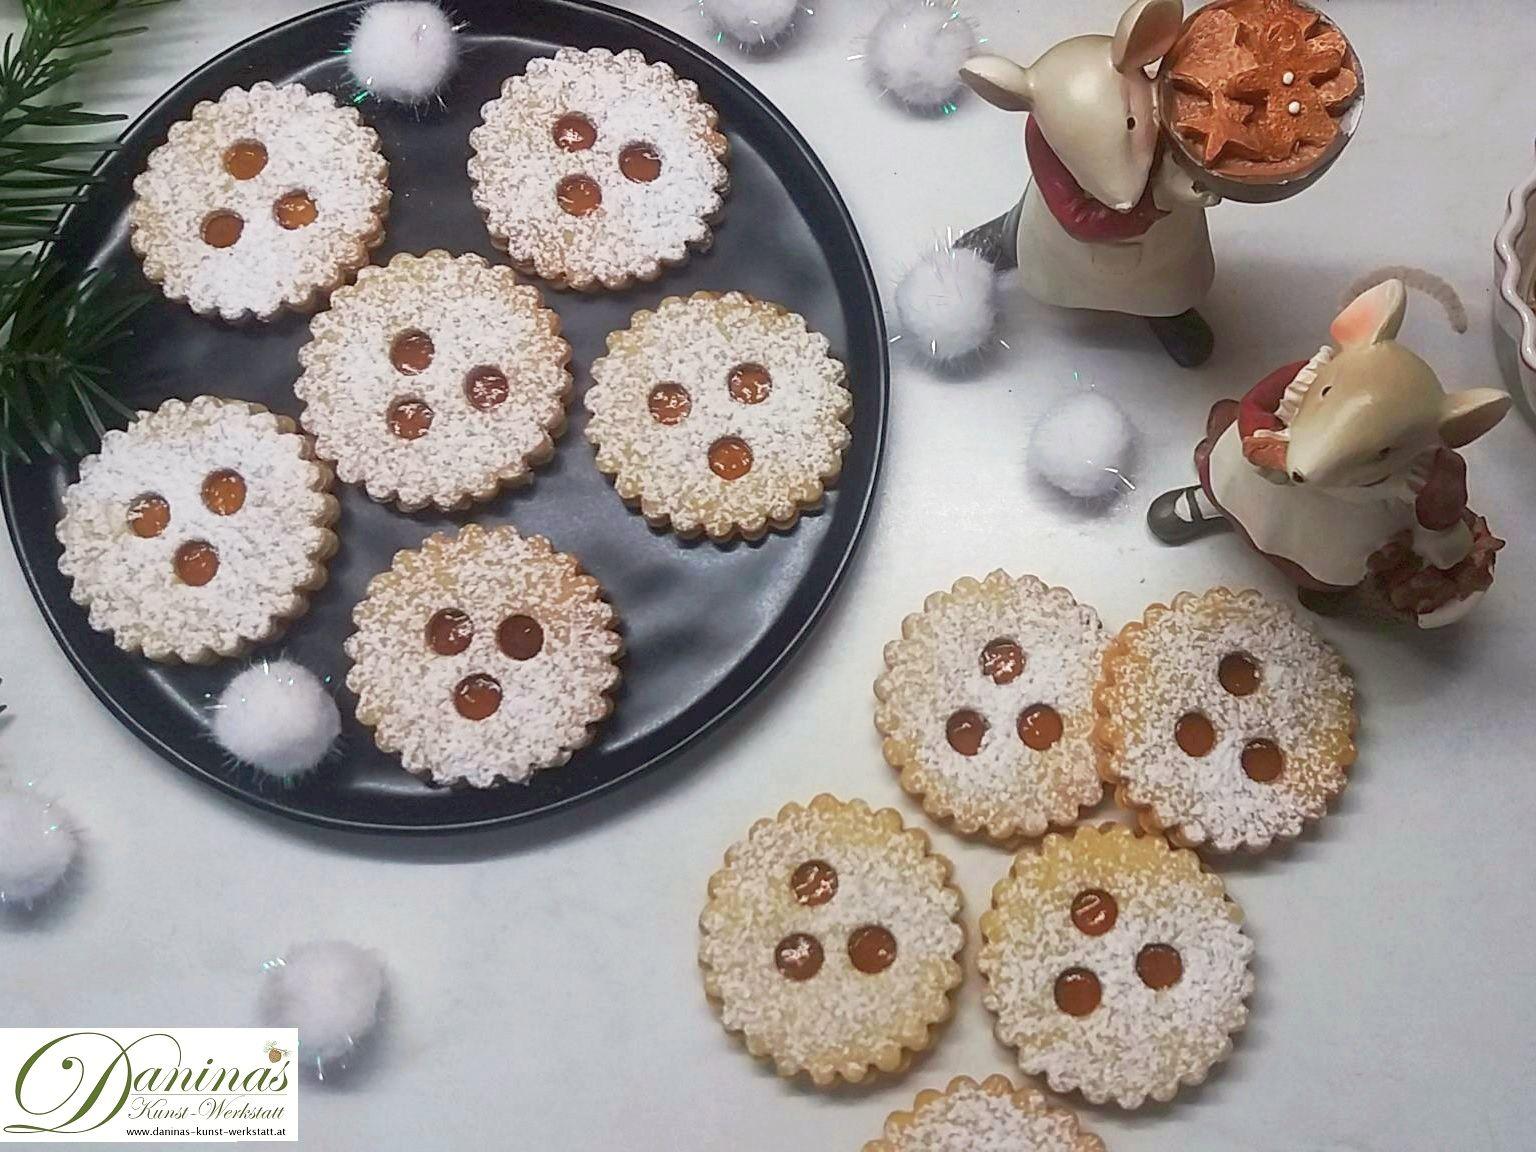 Ischler Plätzchen - Weihnachtsbäckerei